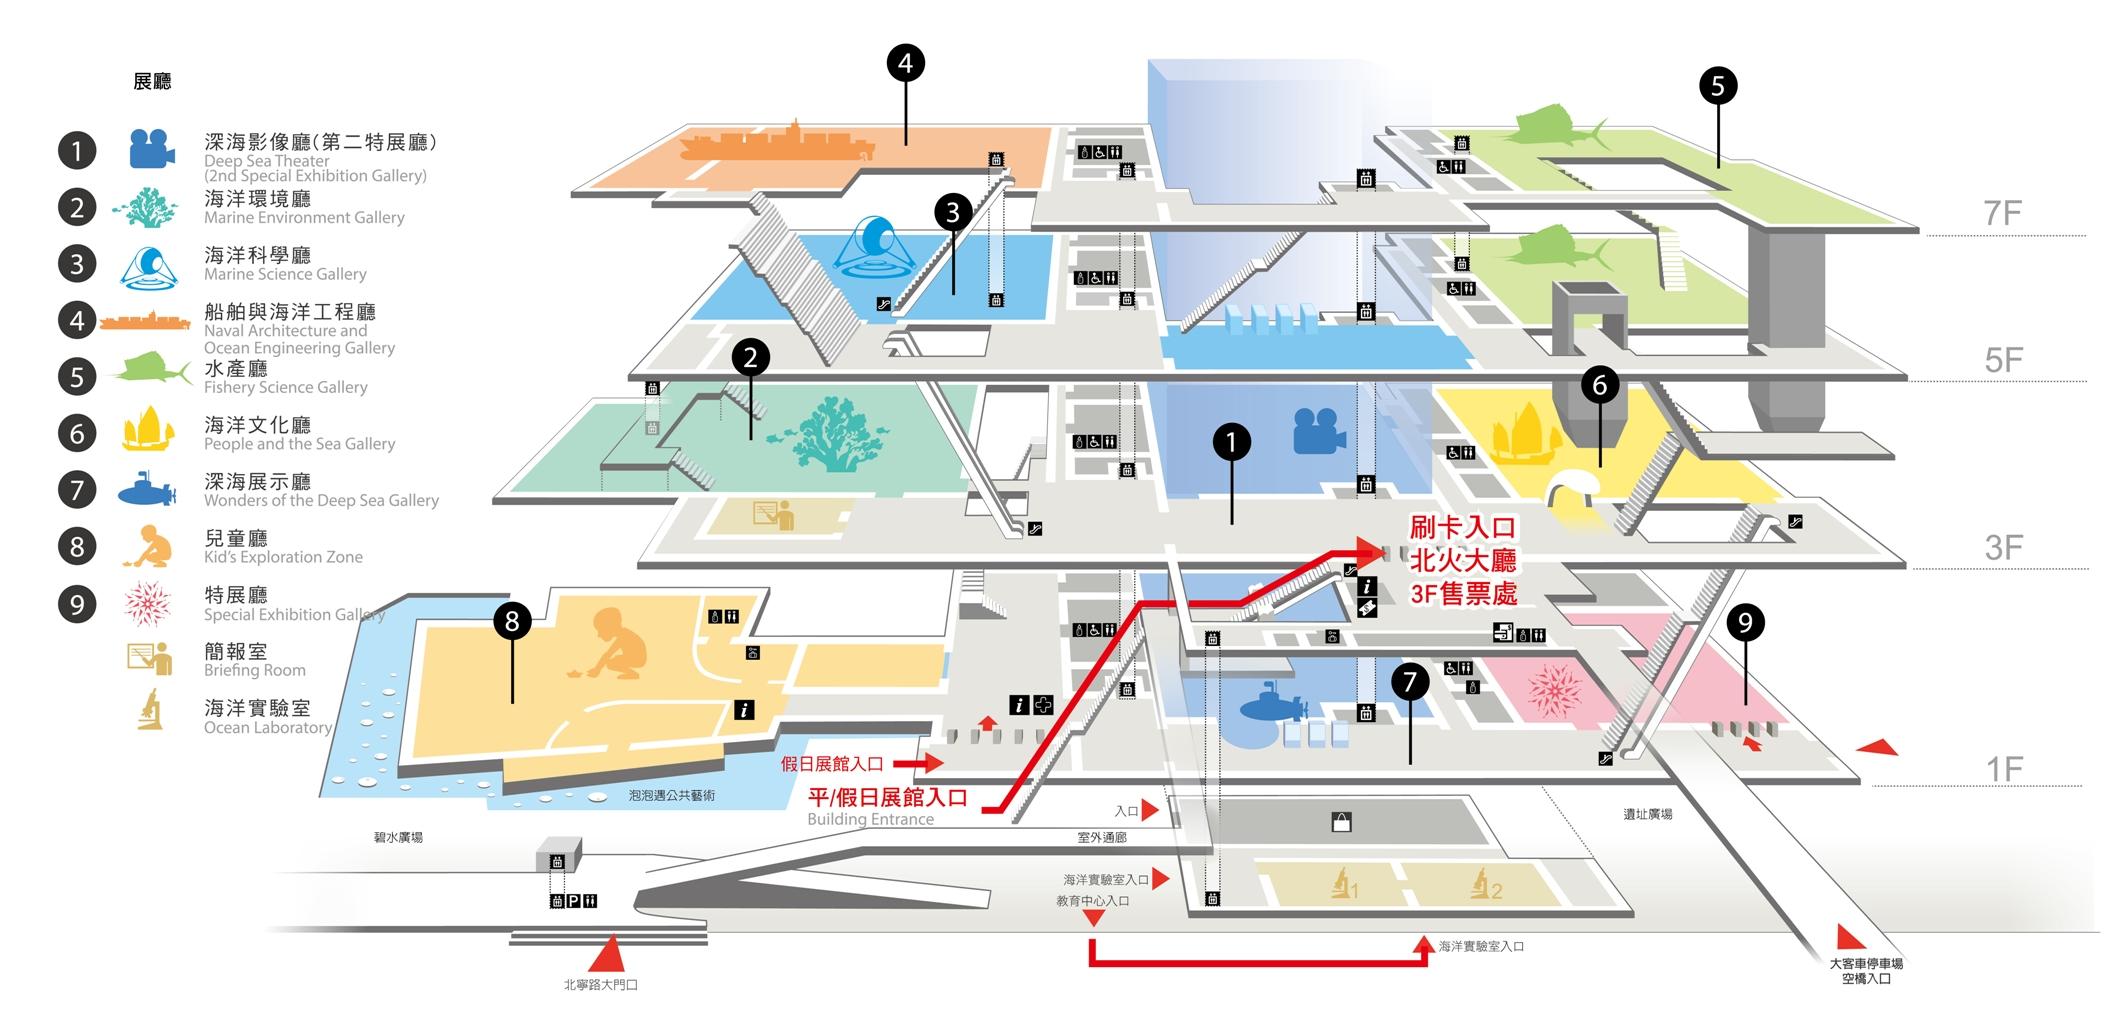 主題館各樓層全覽 (詳細樓層資訊 請參本圖以上各樓層資訊)